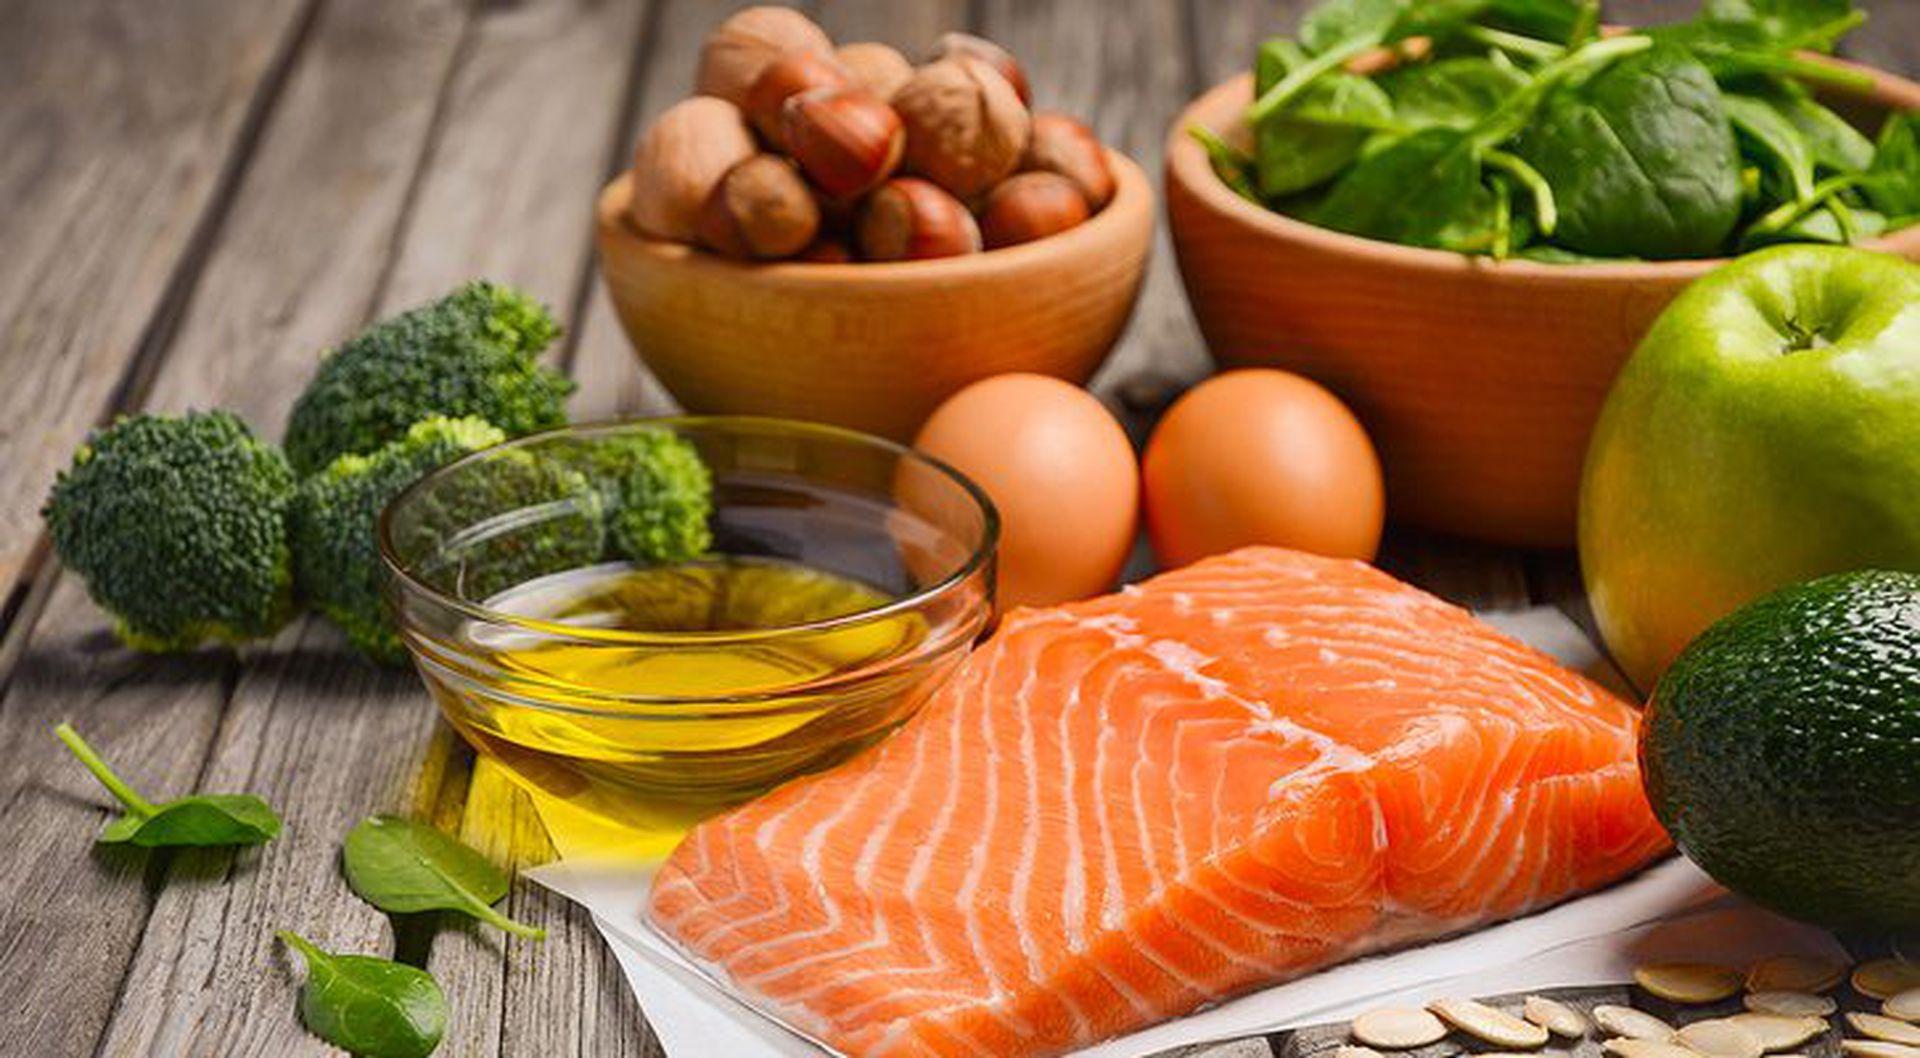 Elegir alimentos frescos, limitar los ultra procesados, dormir adecuadamente, conectarse socialmente y manejar el stress, algo habitual en tiempos de pandemia.